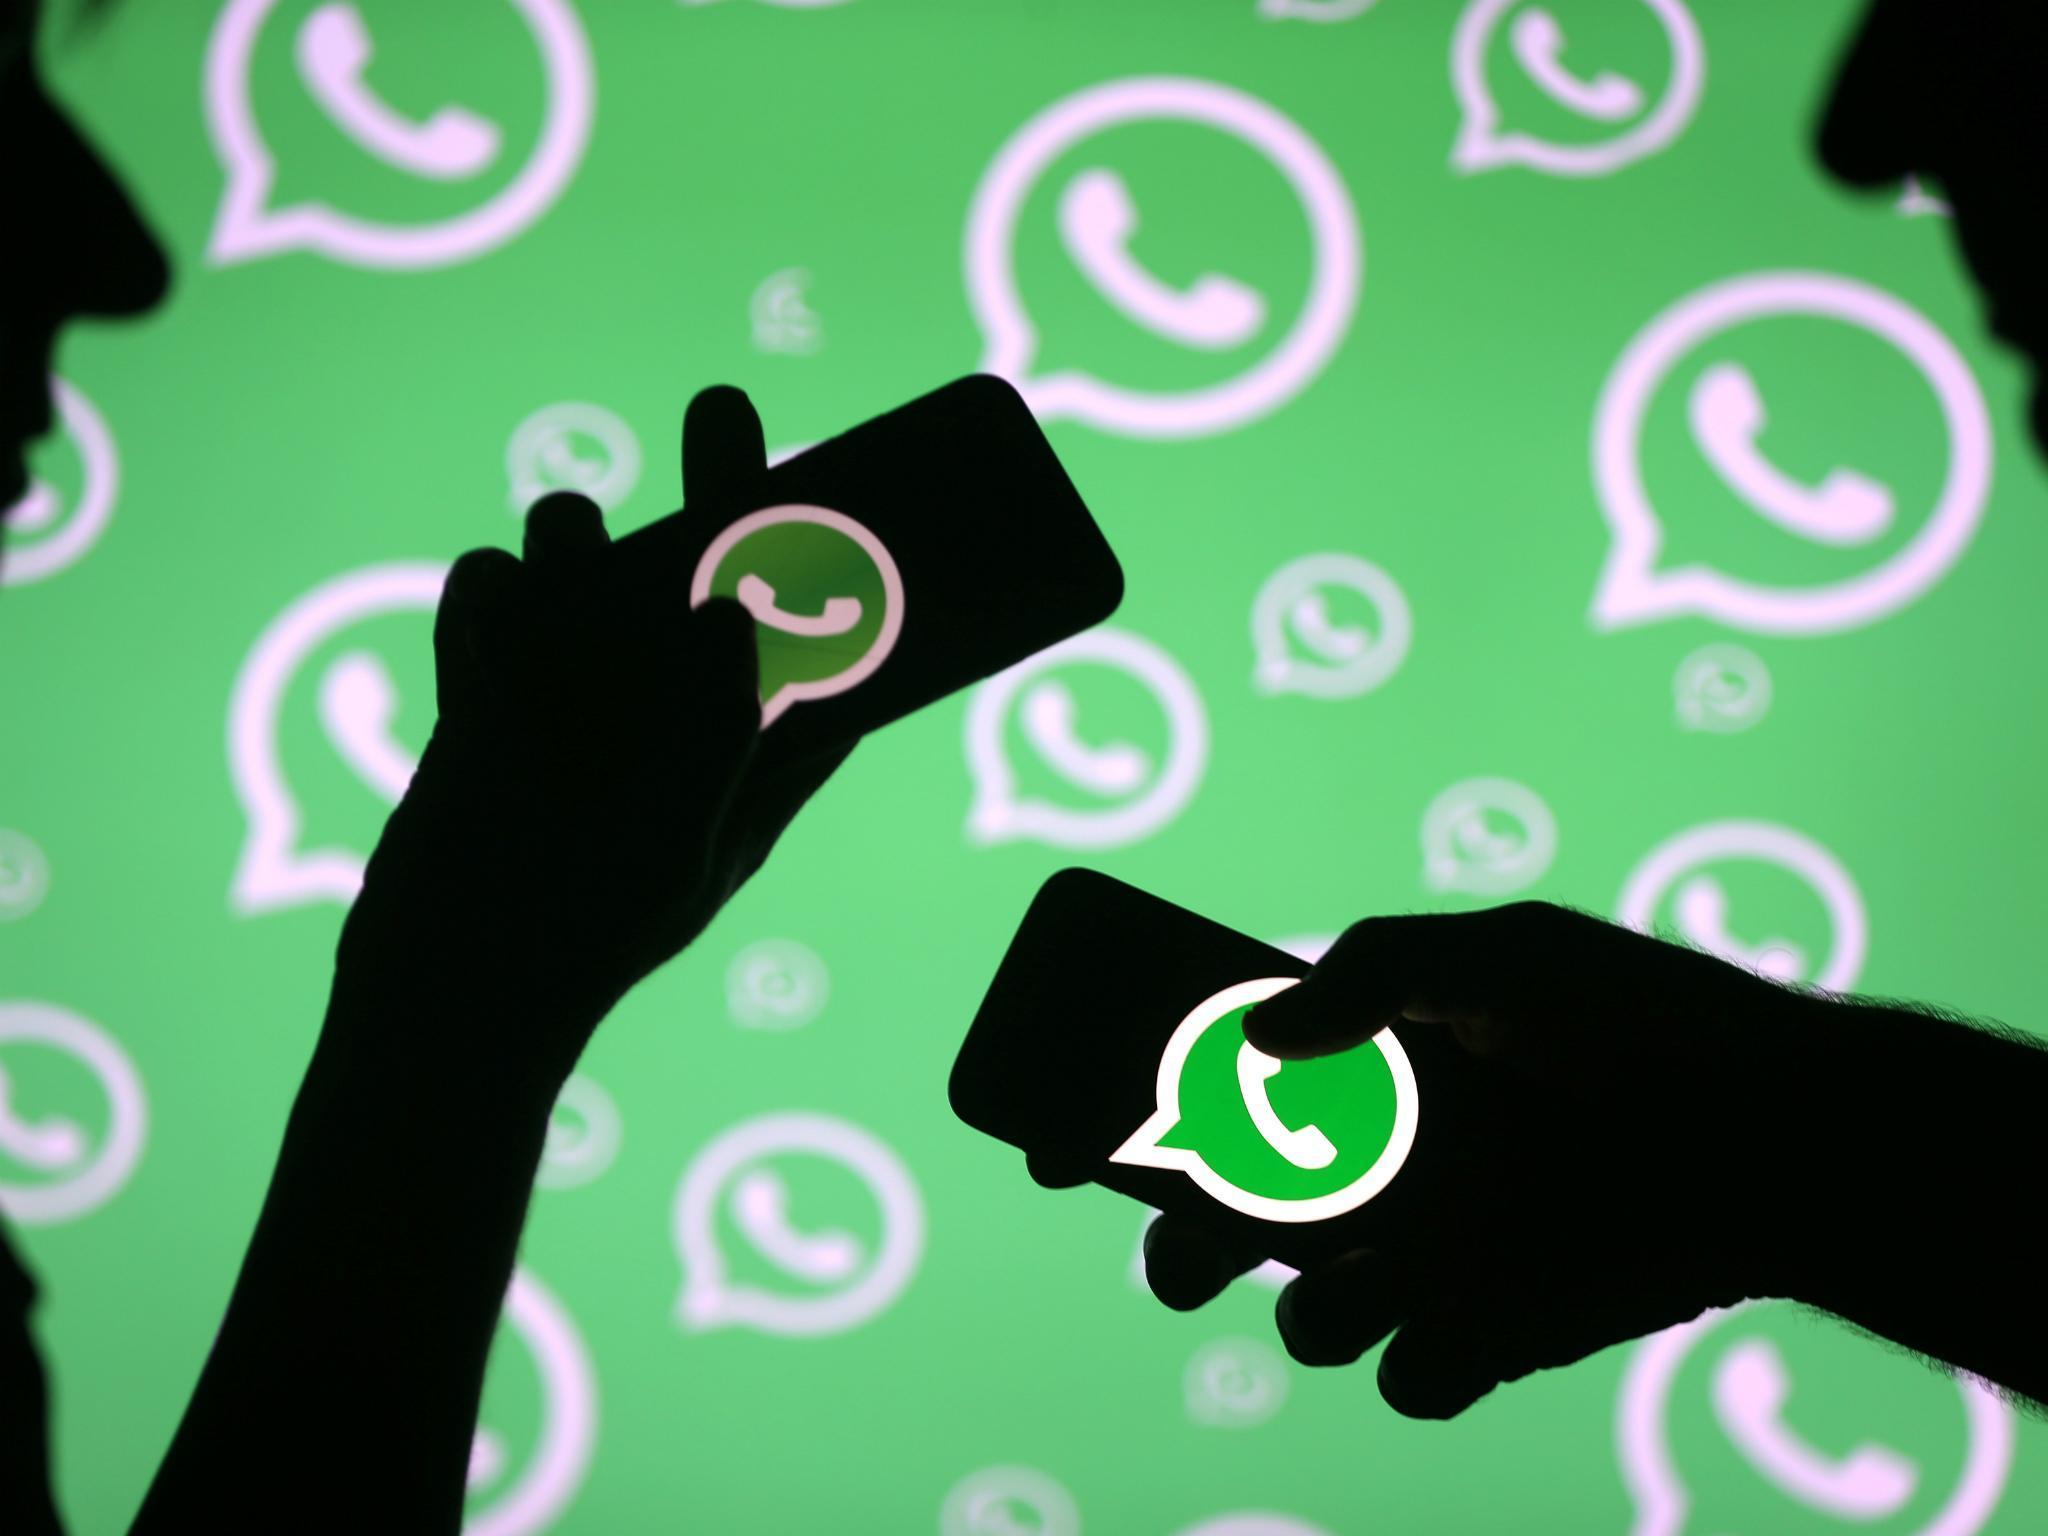 Edan! Orang Habiskan 3,5 Miliar Jam di WhatsApp